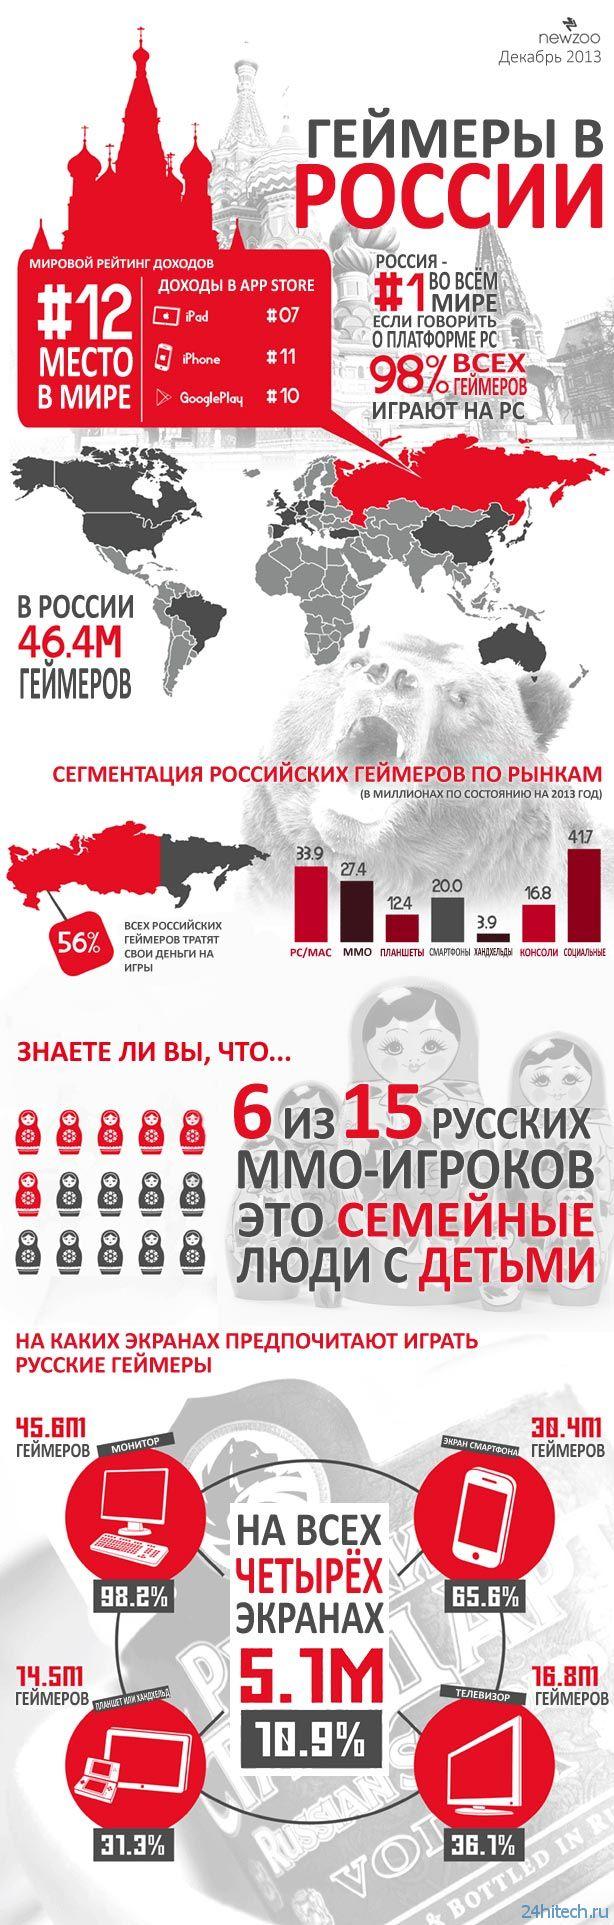 Свежая статистика о российских геймерах